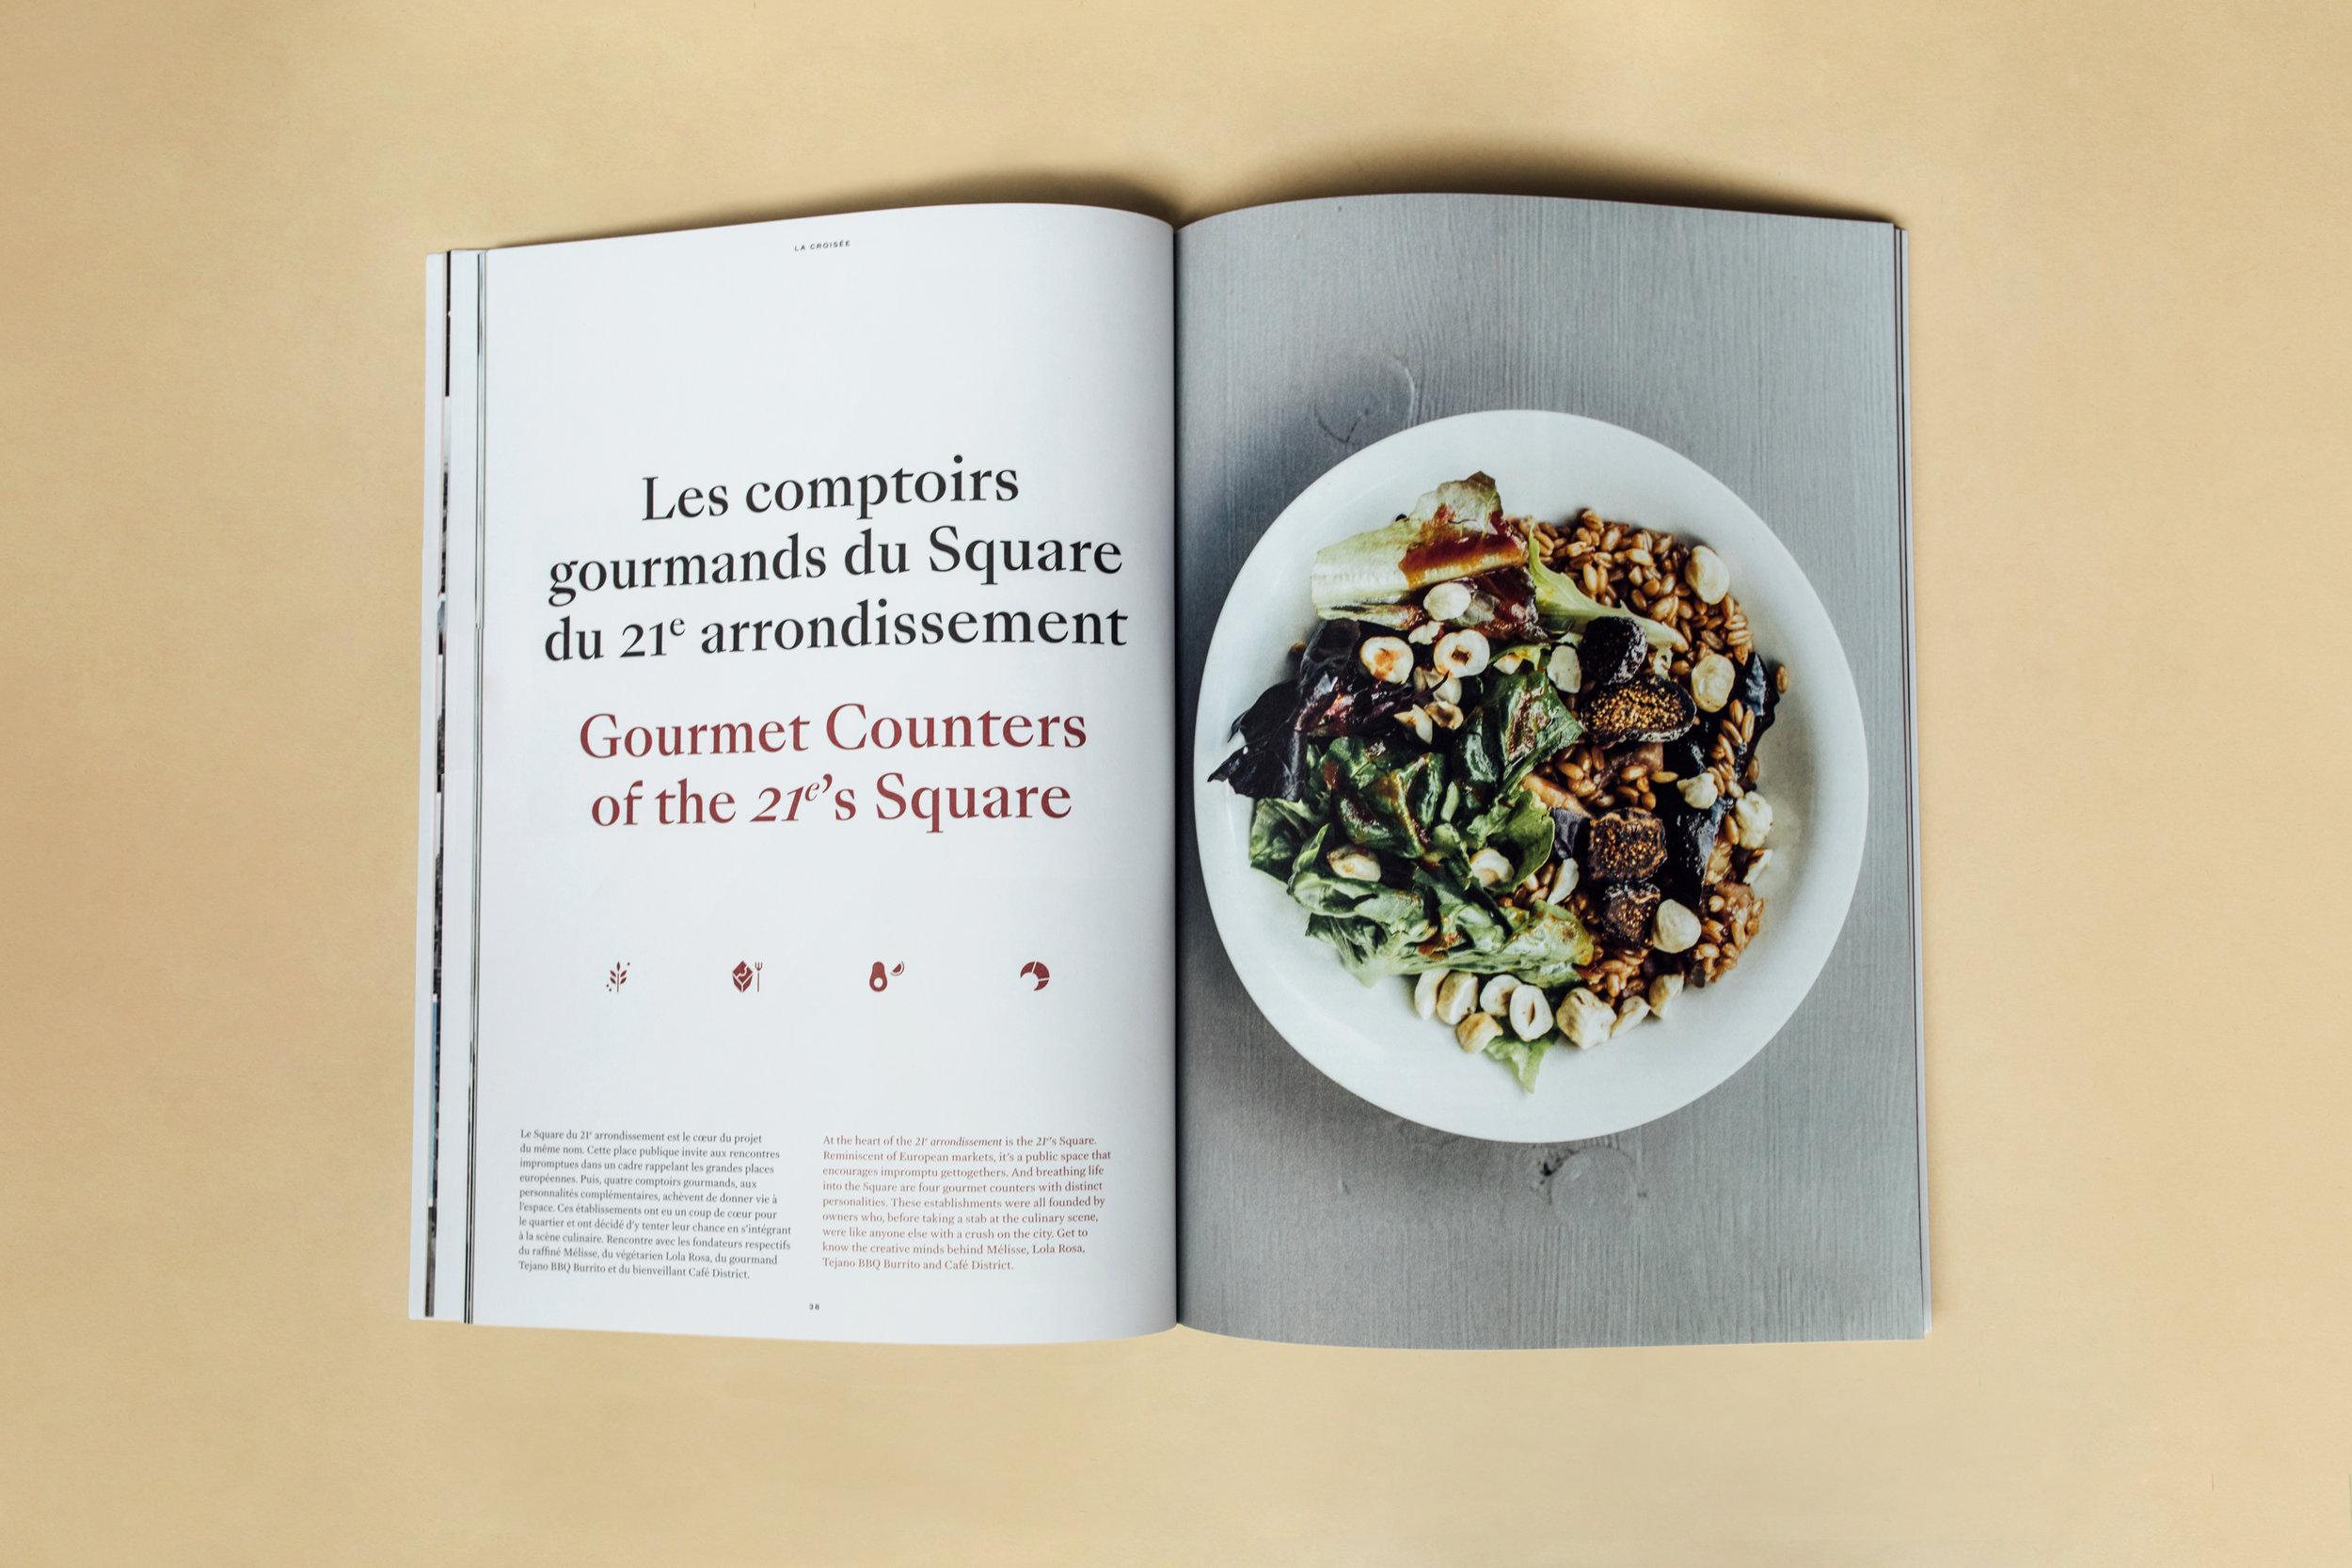 food_la croisee_stephanie aubin_design.jpg